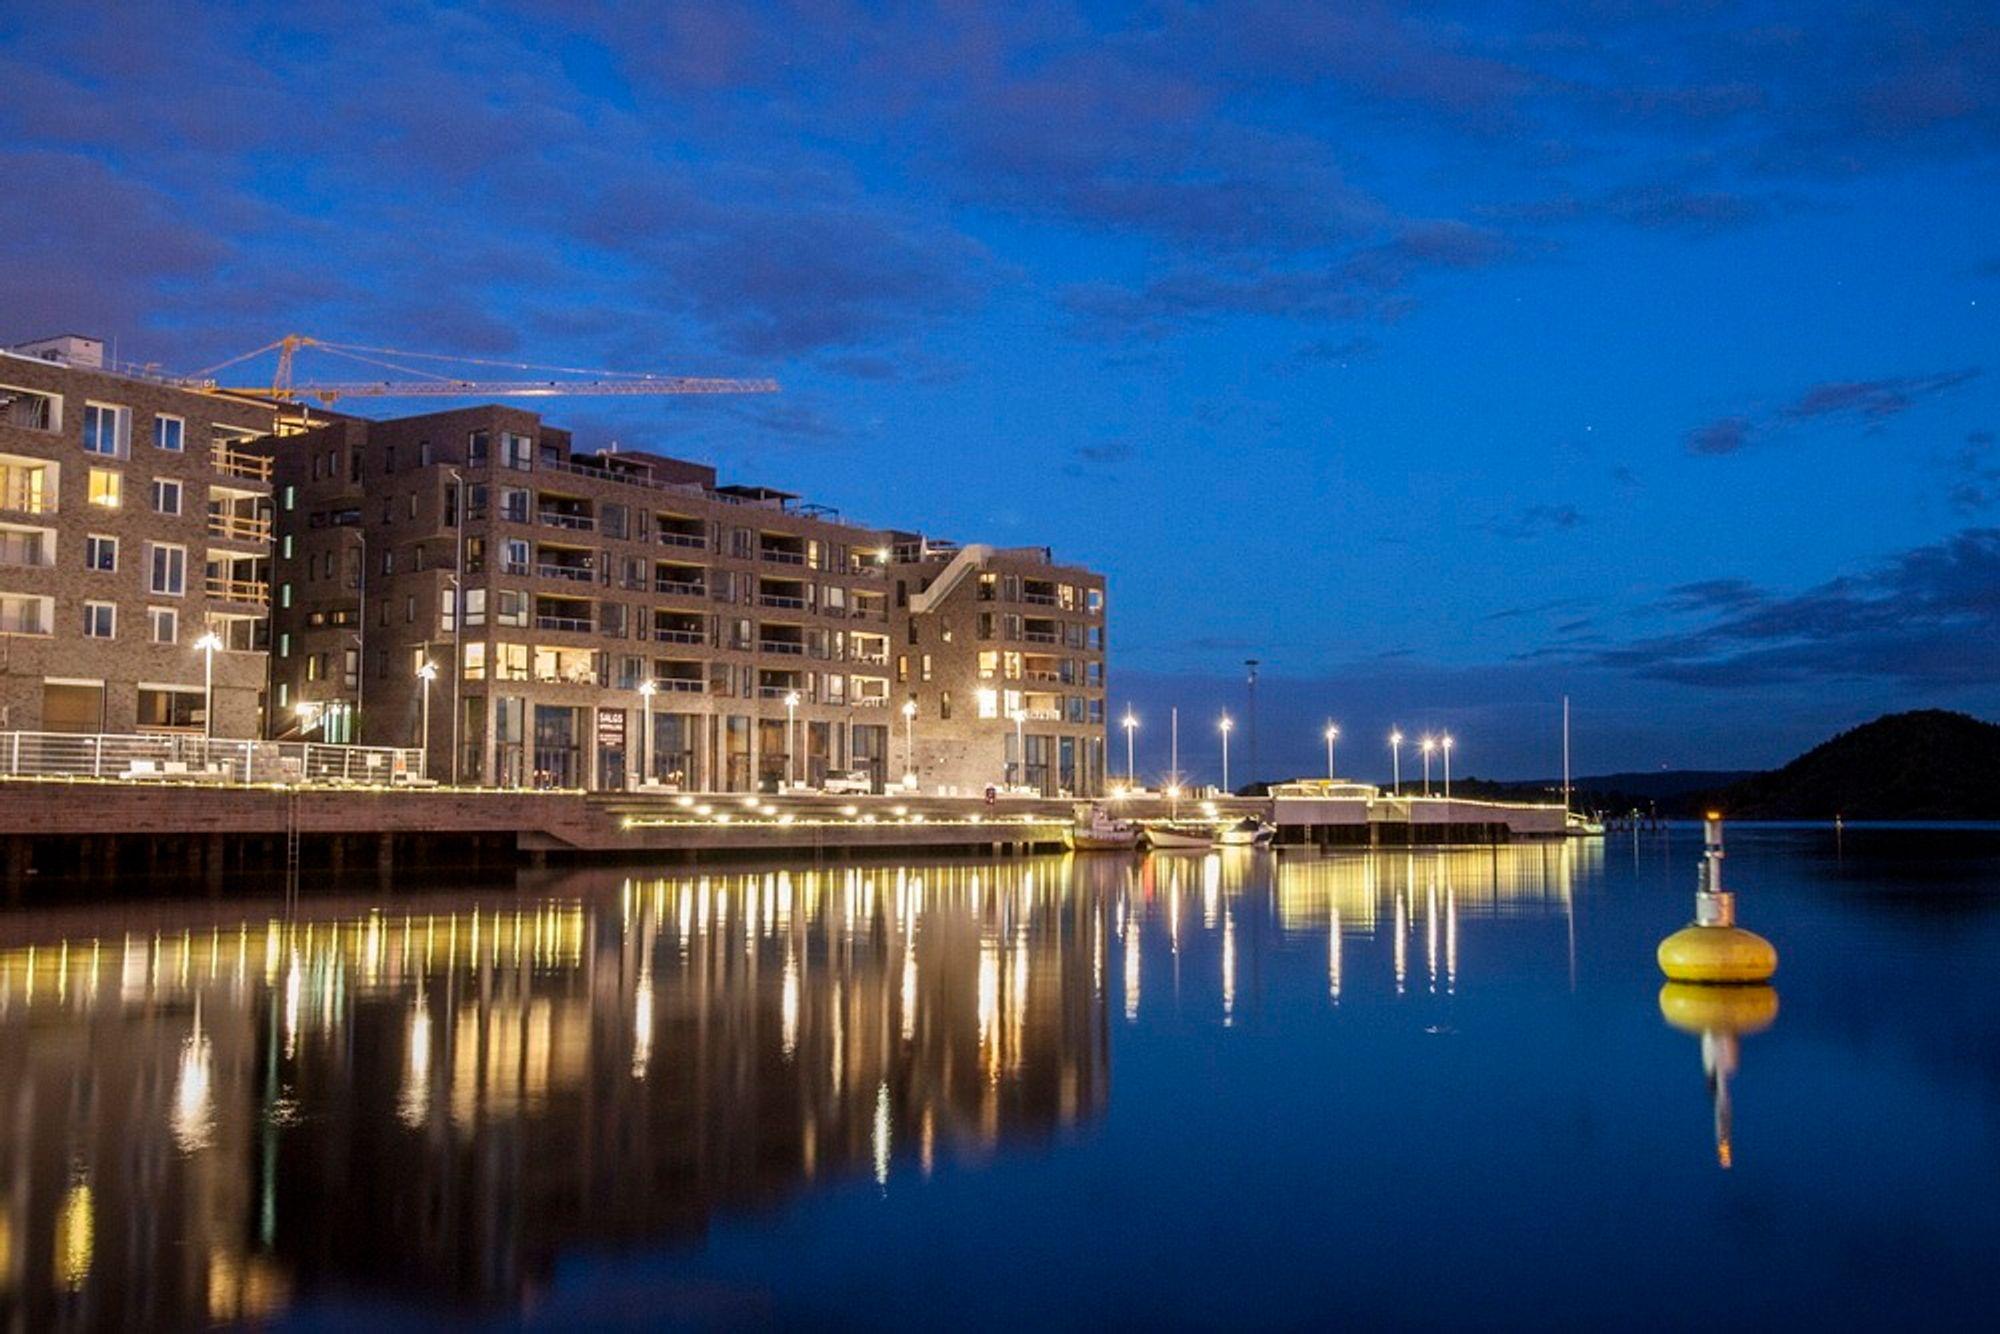 Sørengutstikkeren har den største konsentrasjonen av boliger i Bjørvika i Oslo. Nesten 90 prosent av bygningsmassen her er satt av til boliger, men nå trenger byen - og områdene rundt - nye vekstområder.